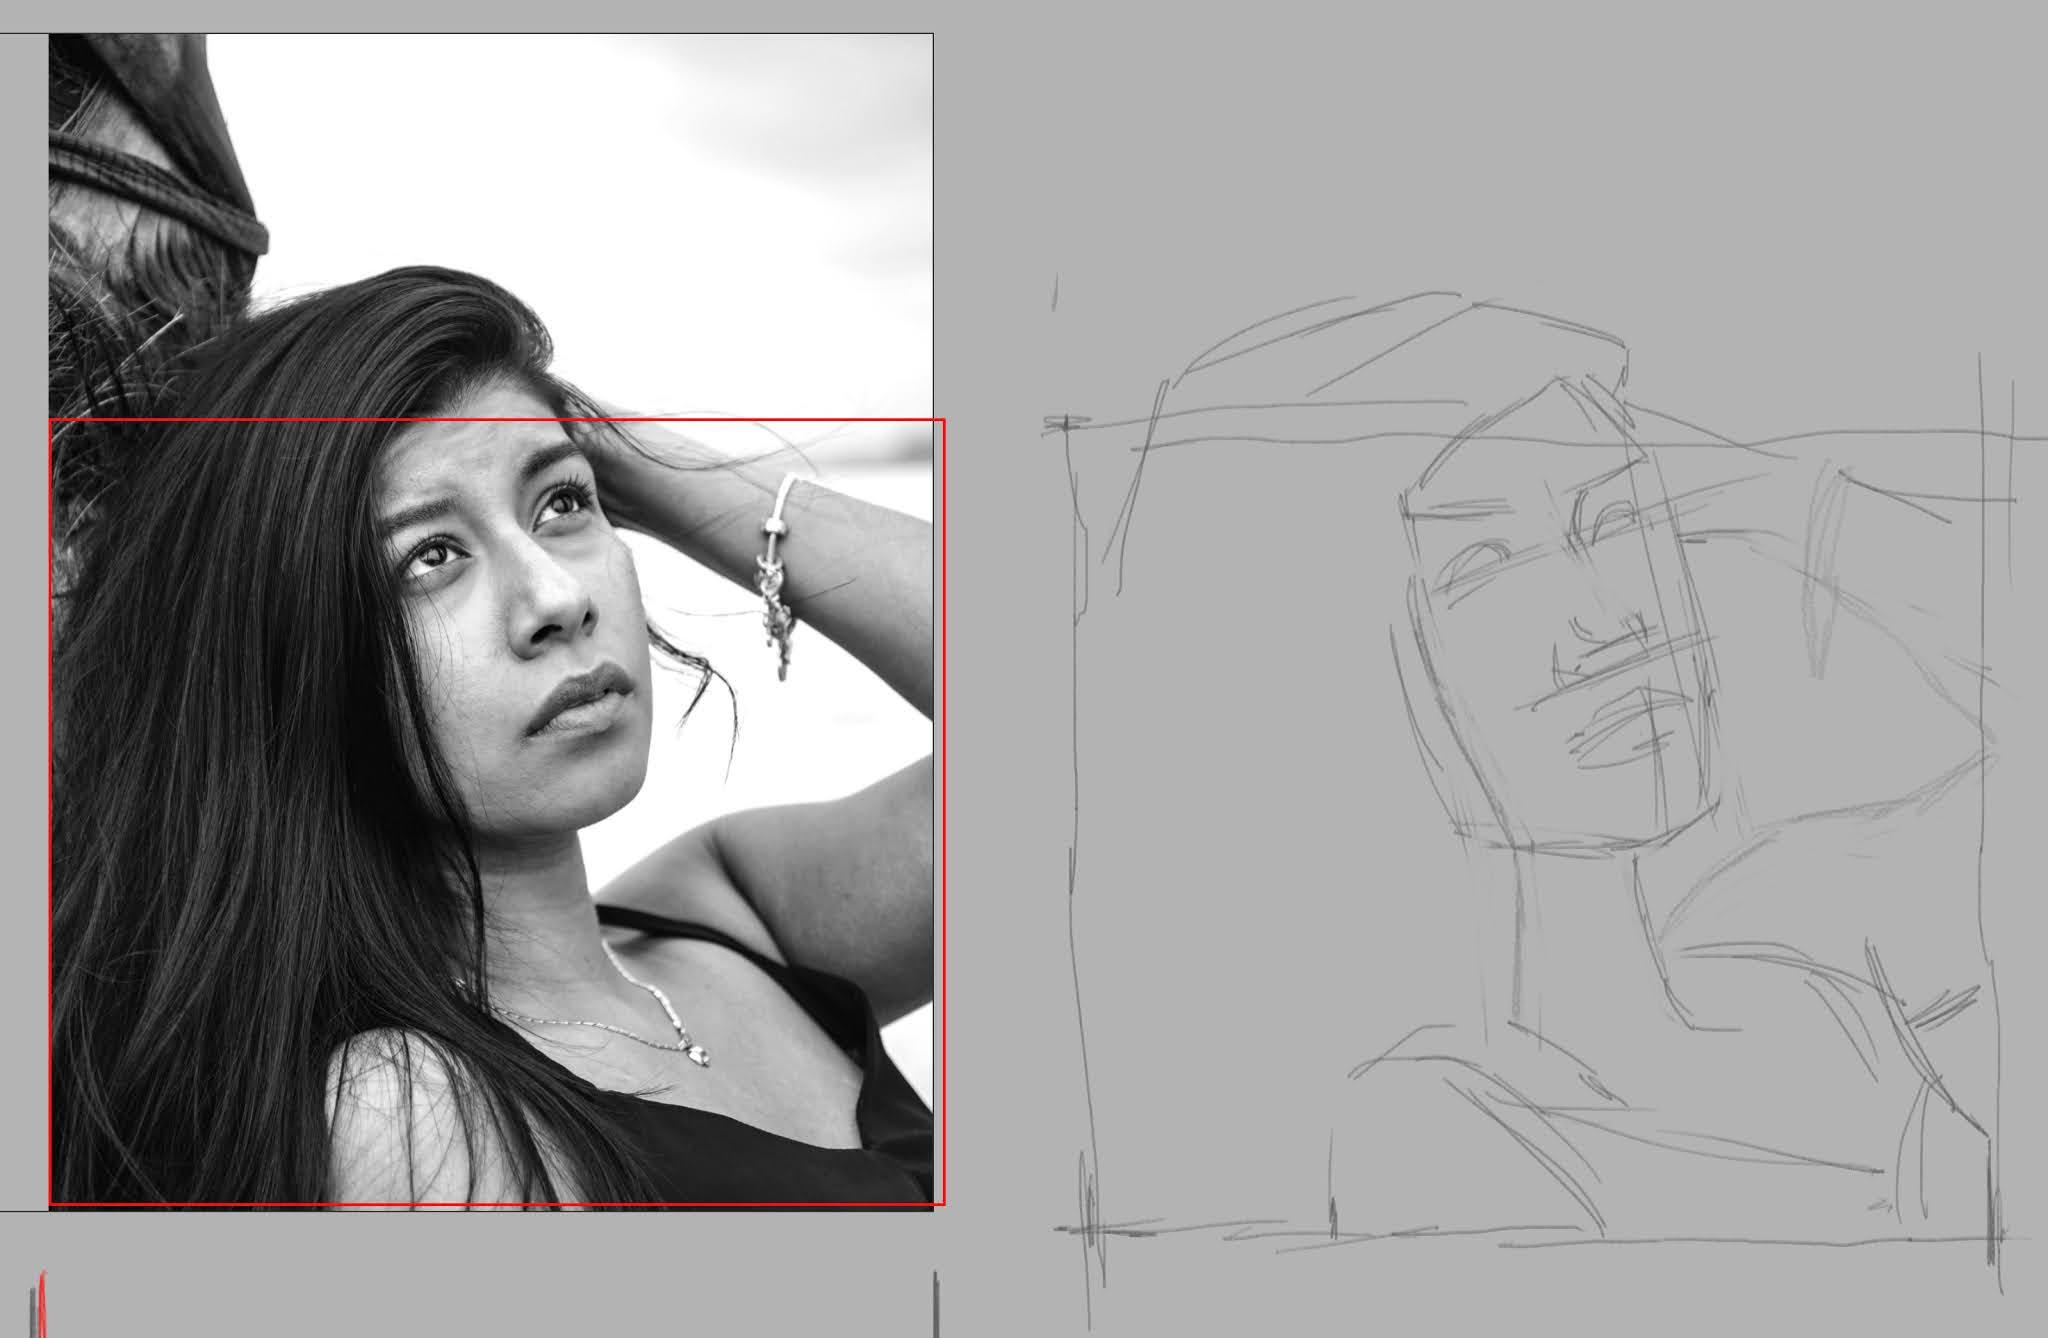 Volto di ragazza disegnato a matita, con forme solo abbozzate